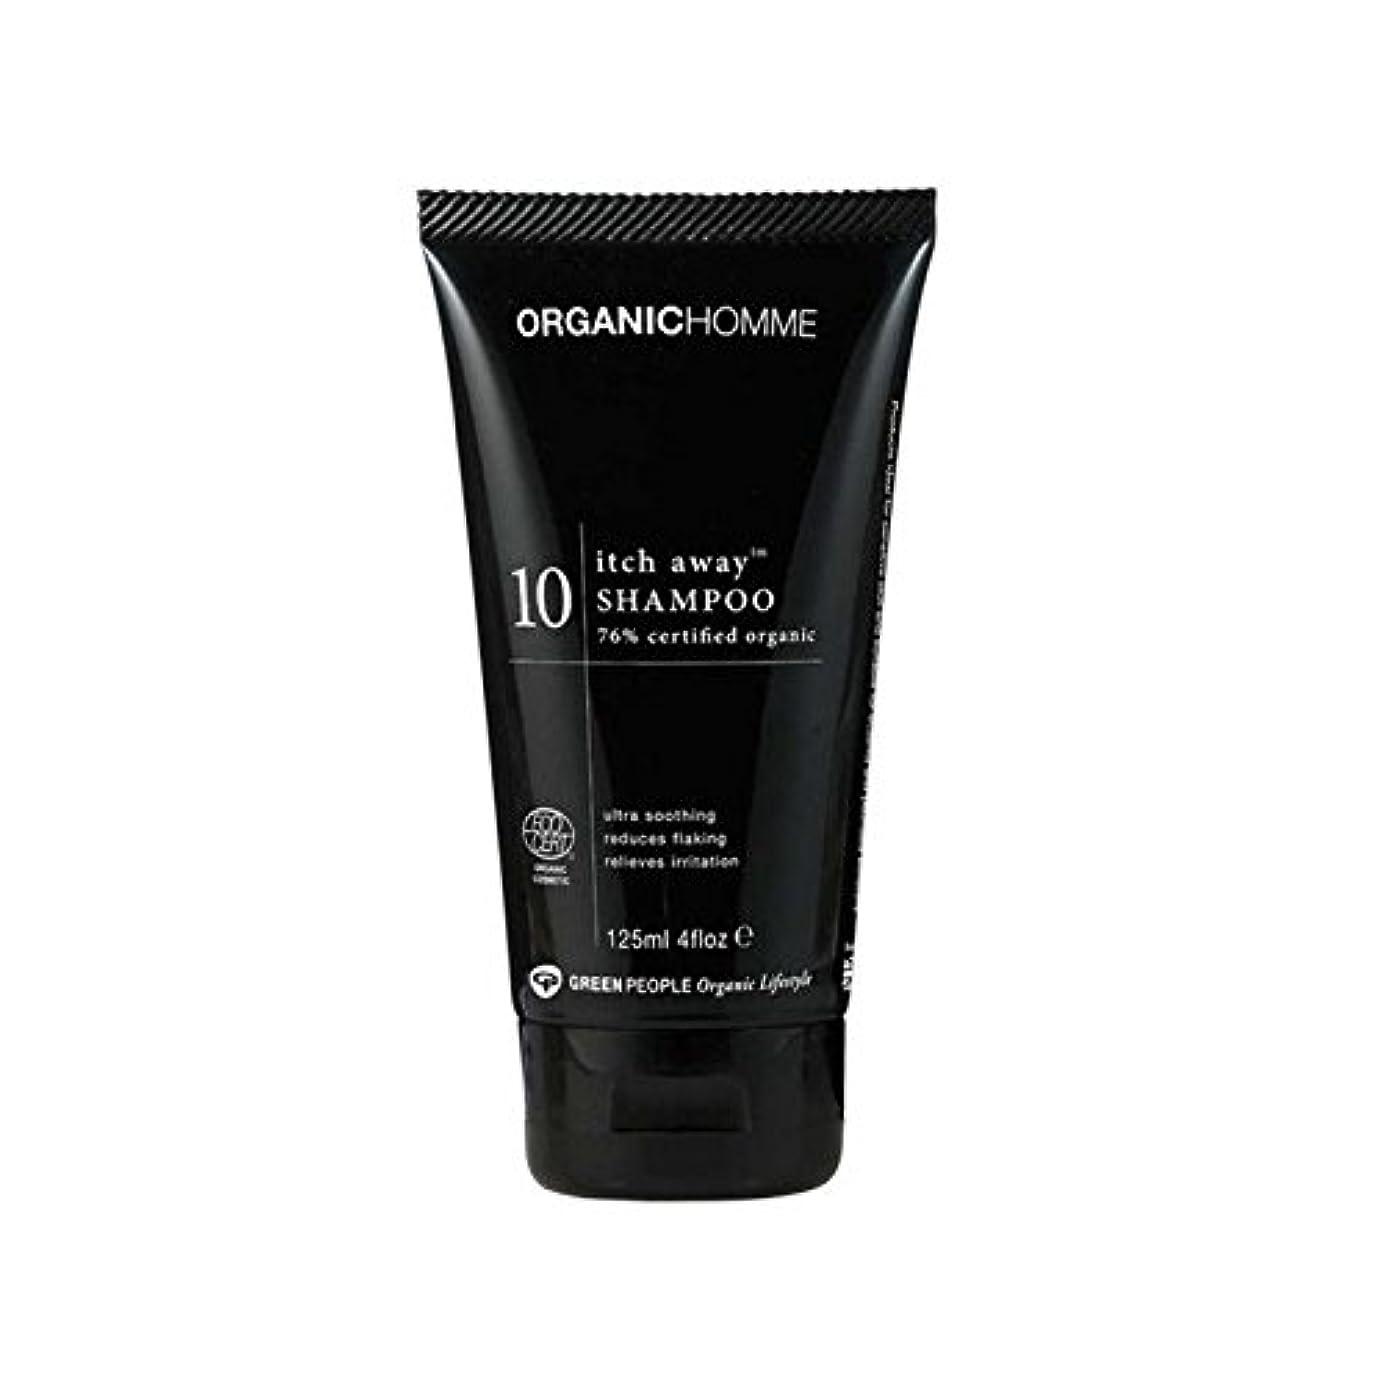 犬受益者対処Green People Organic Homme 10 Itch Away Shampoo (125ml) (Pack of 6) - 緑の人々の有機オム10かゆみ離れシャンプー(125ミリリットル) x6 [並行輸入品]